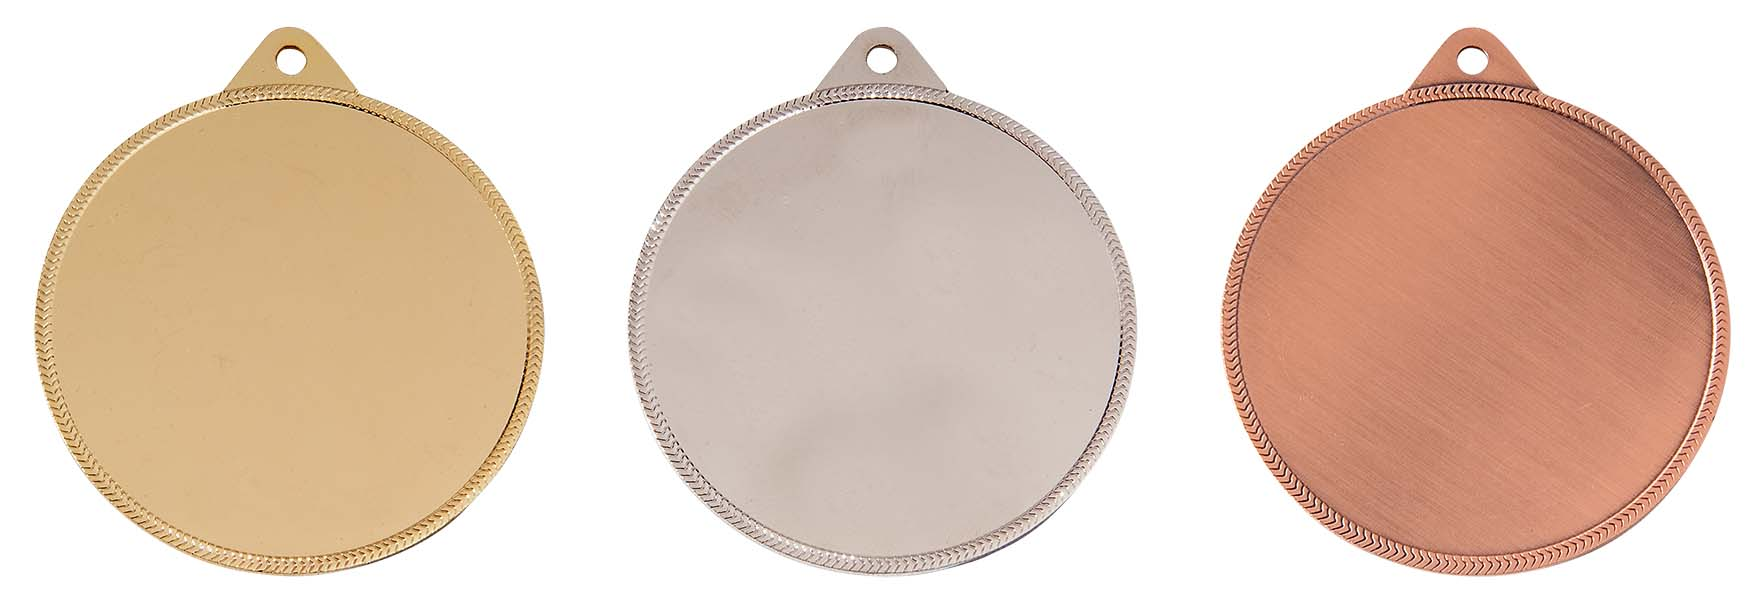 Medaille BM043